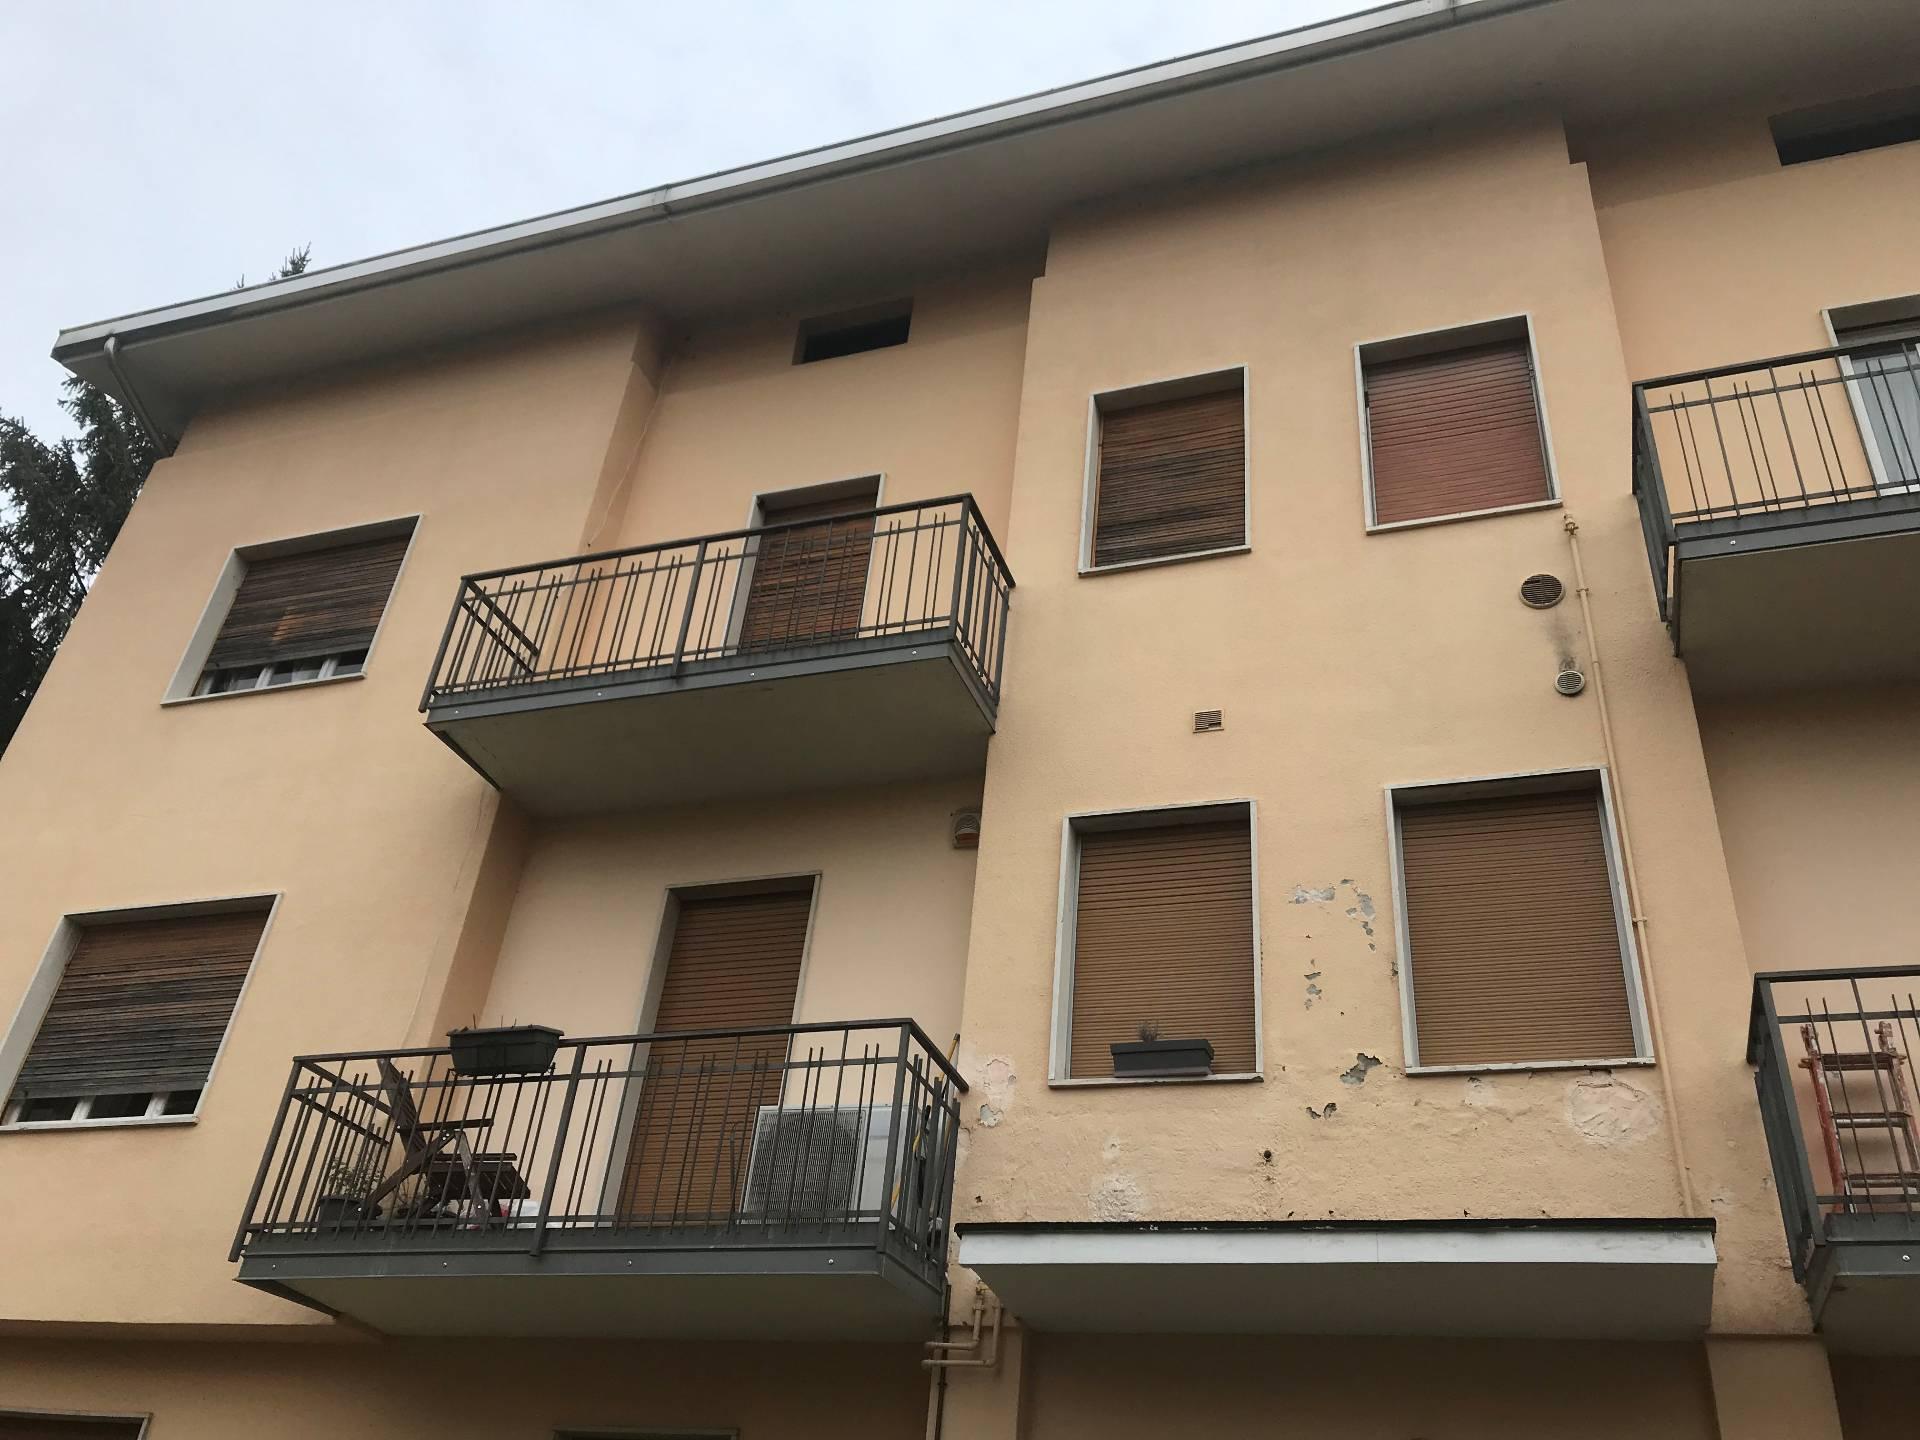 Appartamento in vendita a Eupilio, 2 locali, prezzo € 75.000 | CambioCasa.it